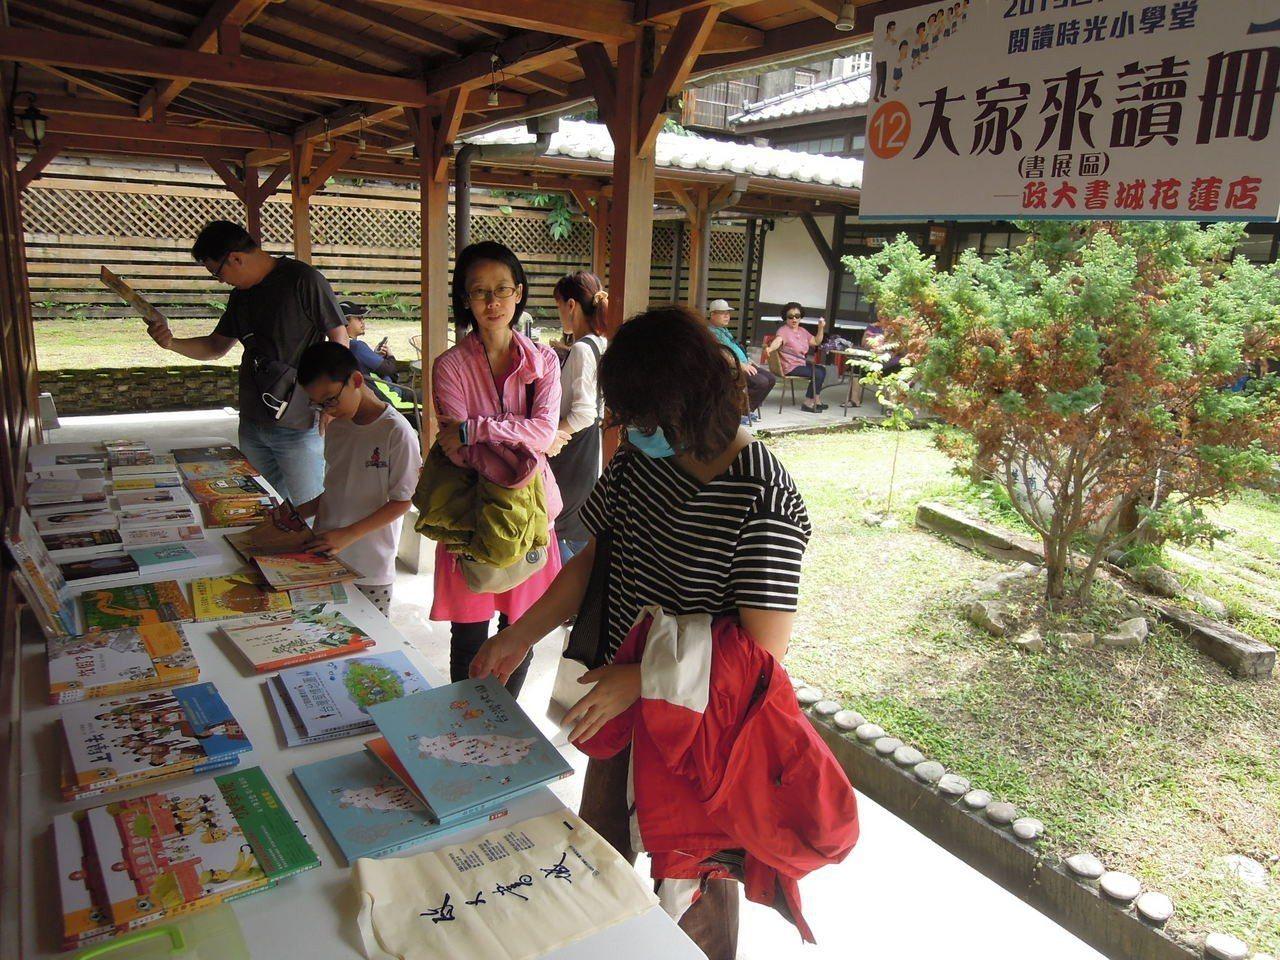 現場也與連鎖書店合作書展,推薦給家長適合親子一同閱讀的圖書。(花蓮縣文化局提供)